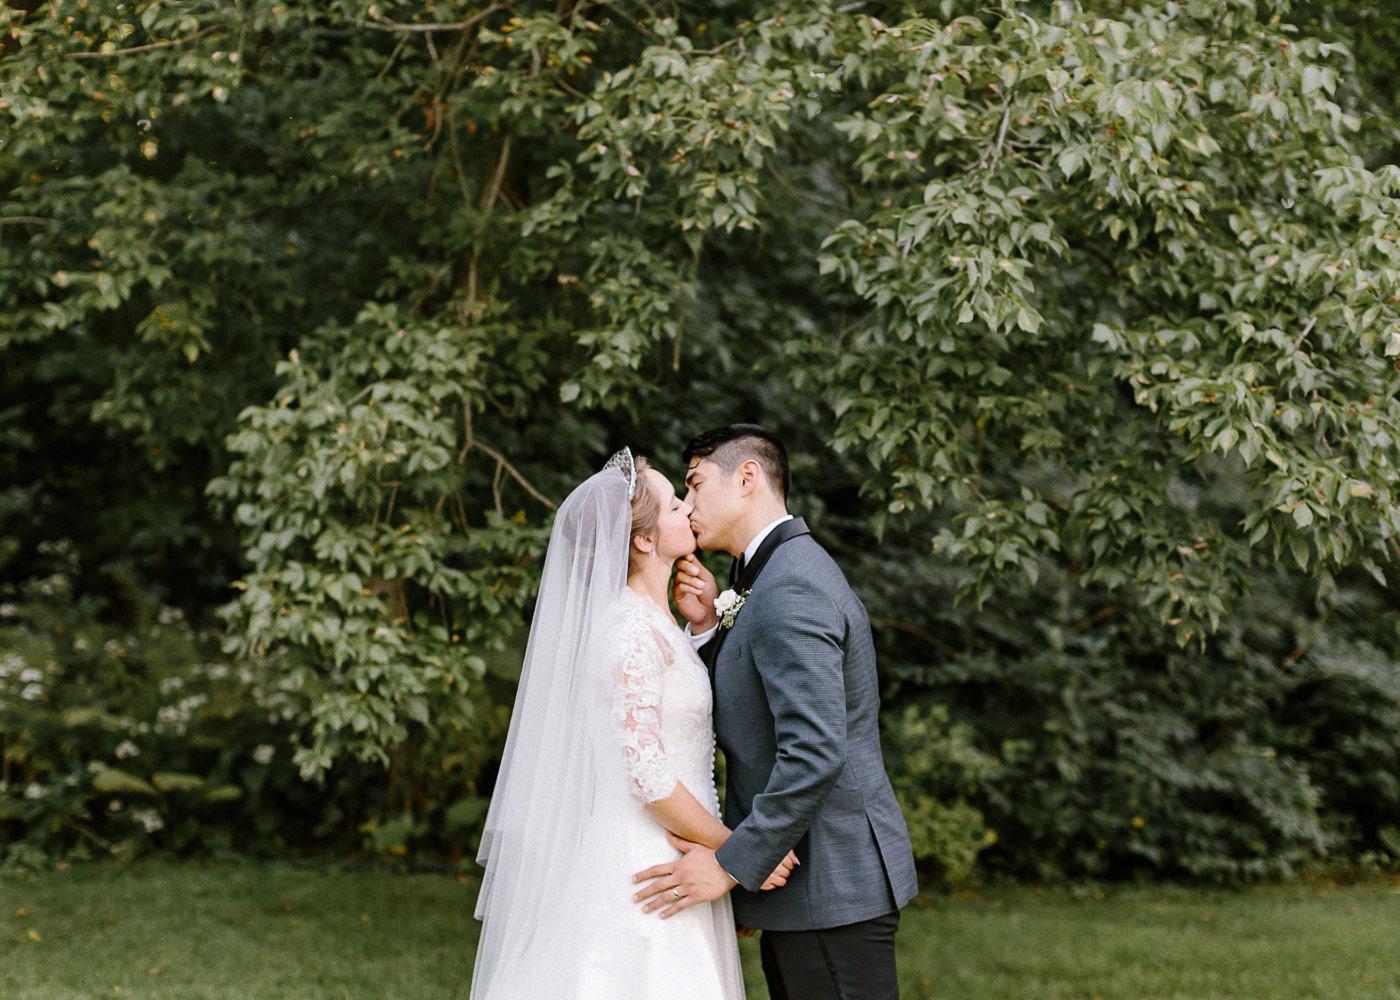 Michelle & Andrew